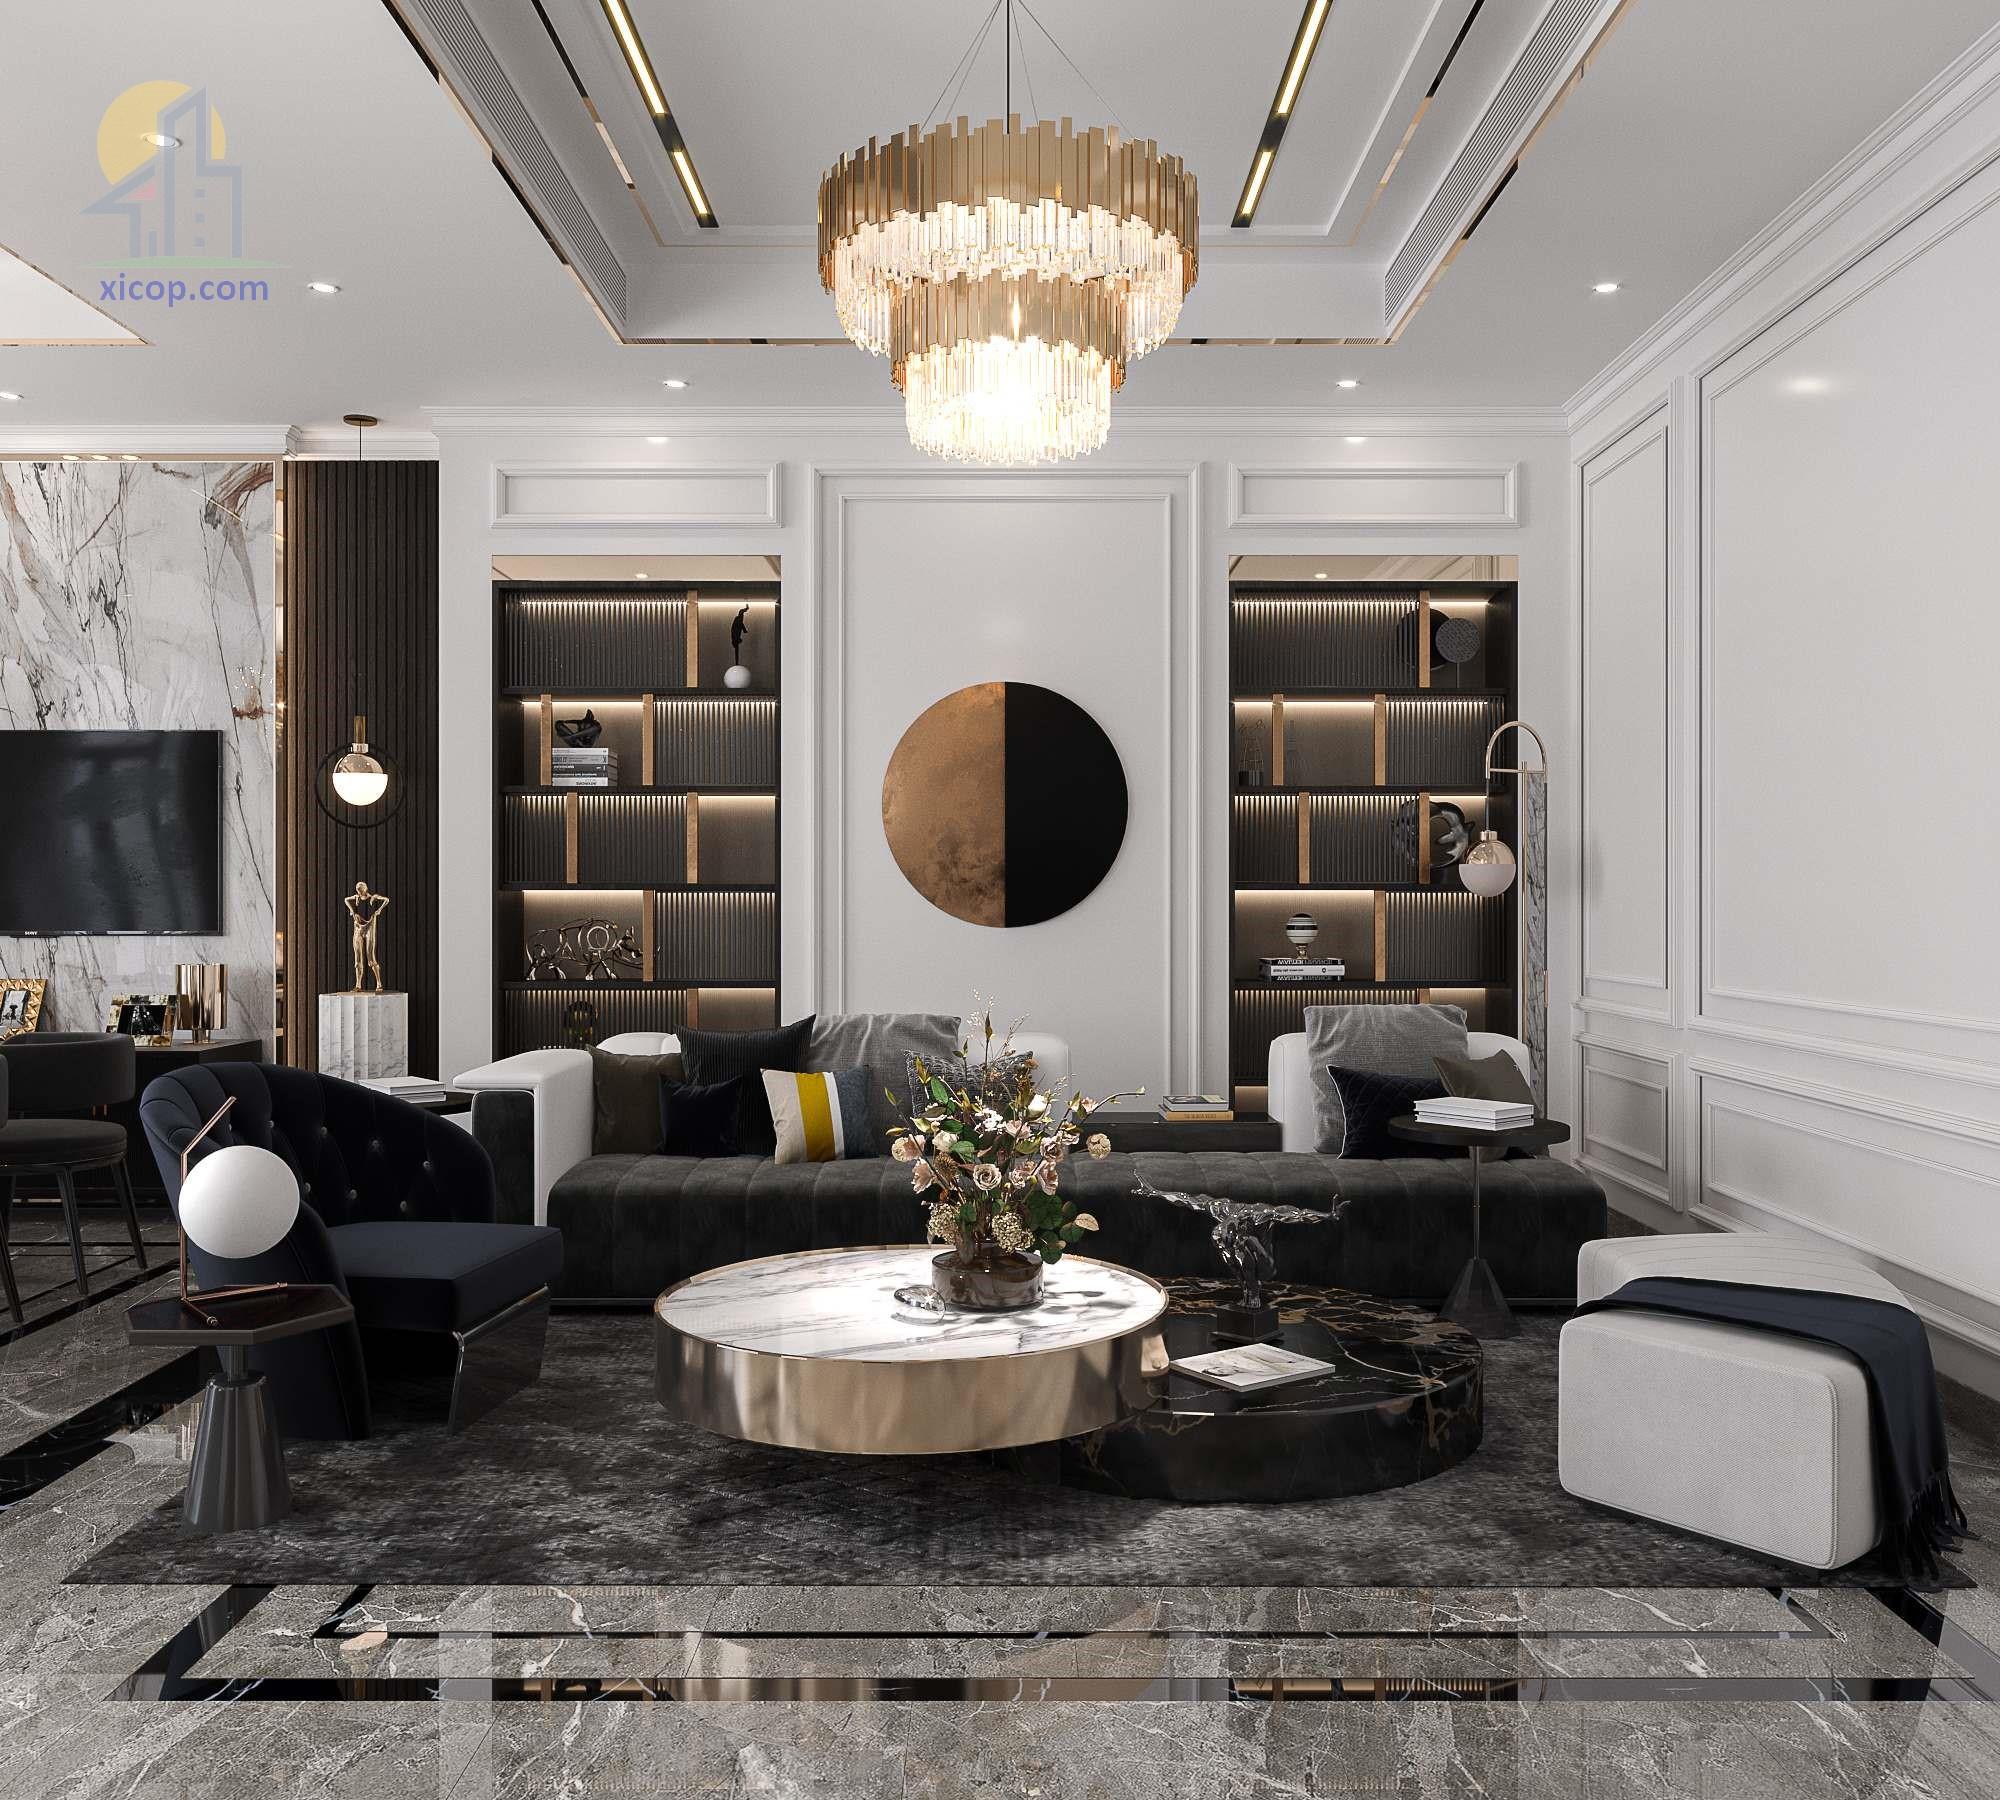 Các mẫu thiết kế nội thất nhà phố đẹp, chung cư đẹp và hiện đại số 1